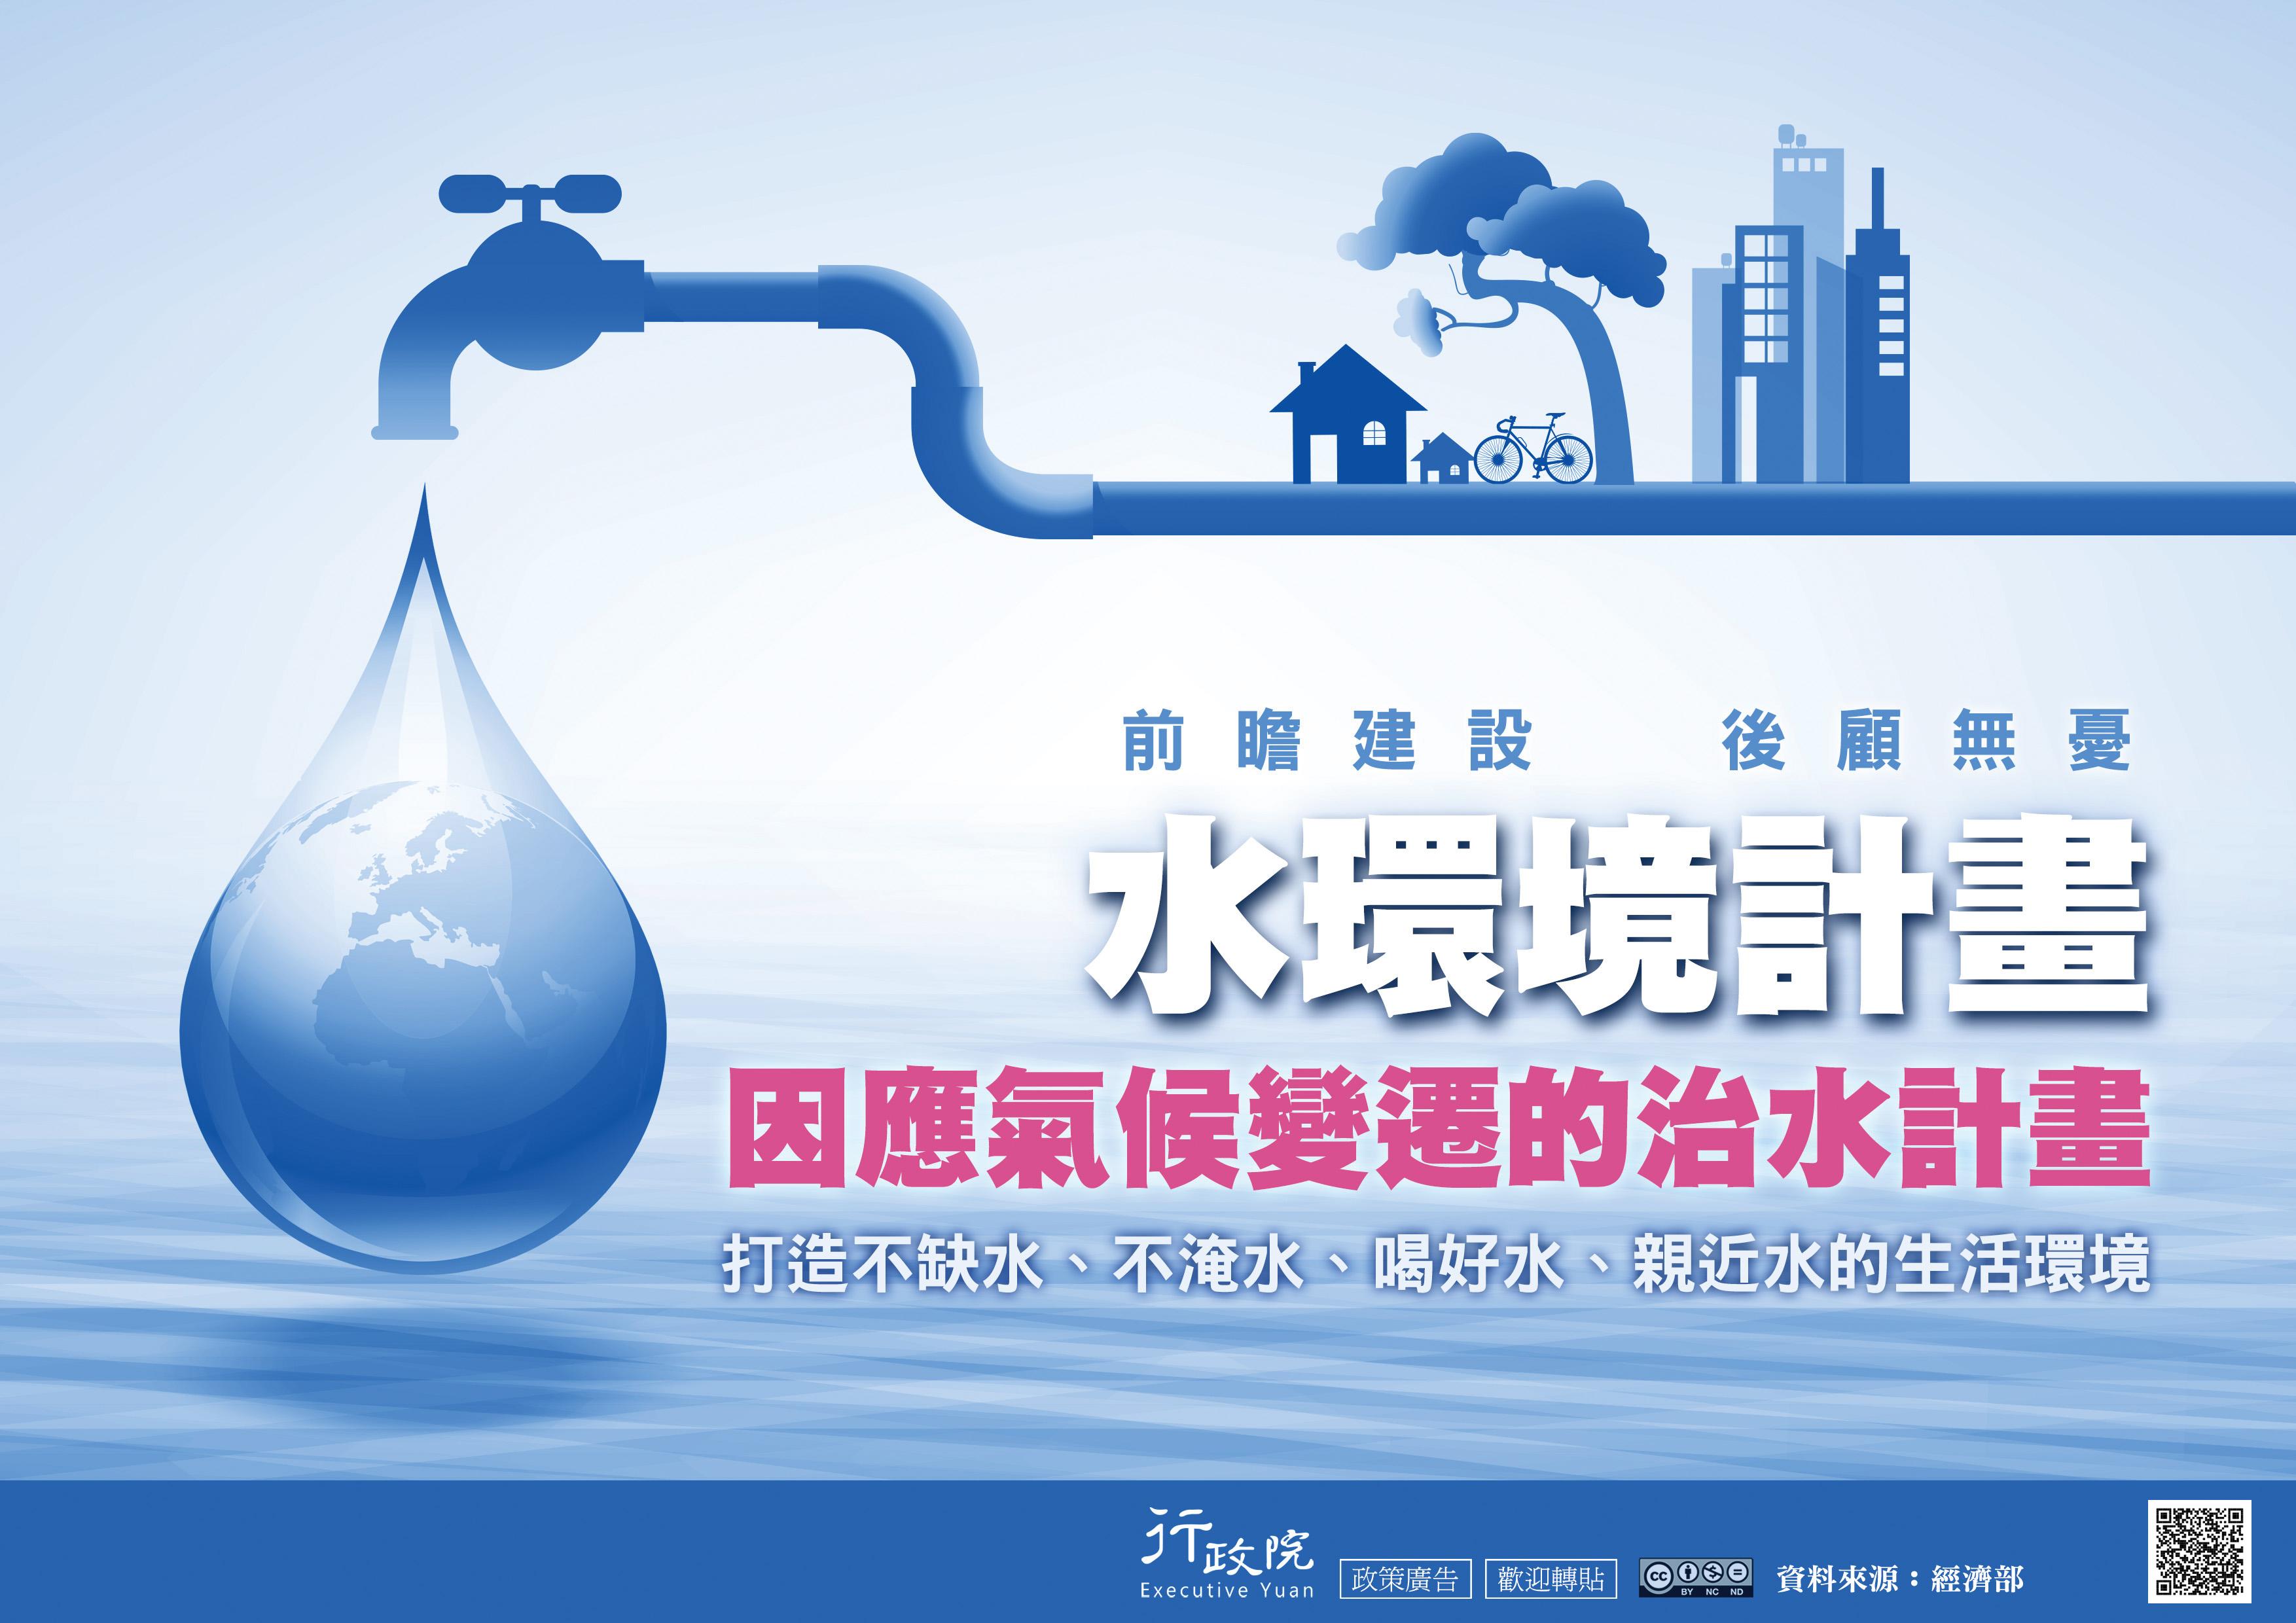 水環境計畫─因應氣候變遷的治水計畫